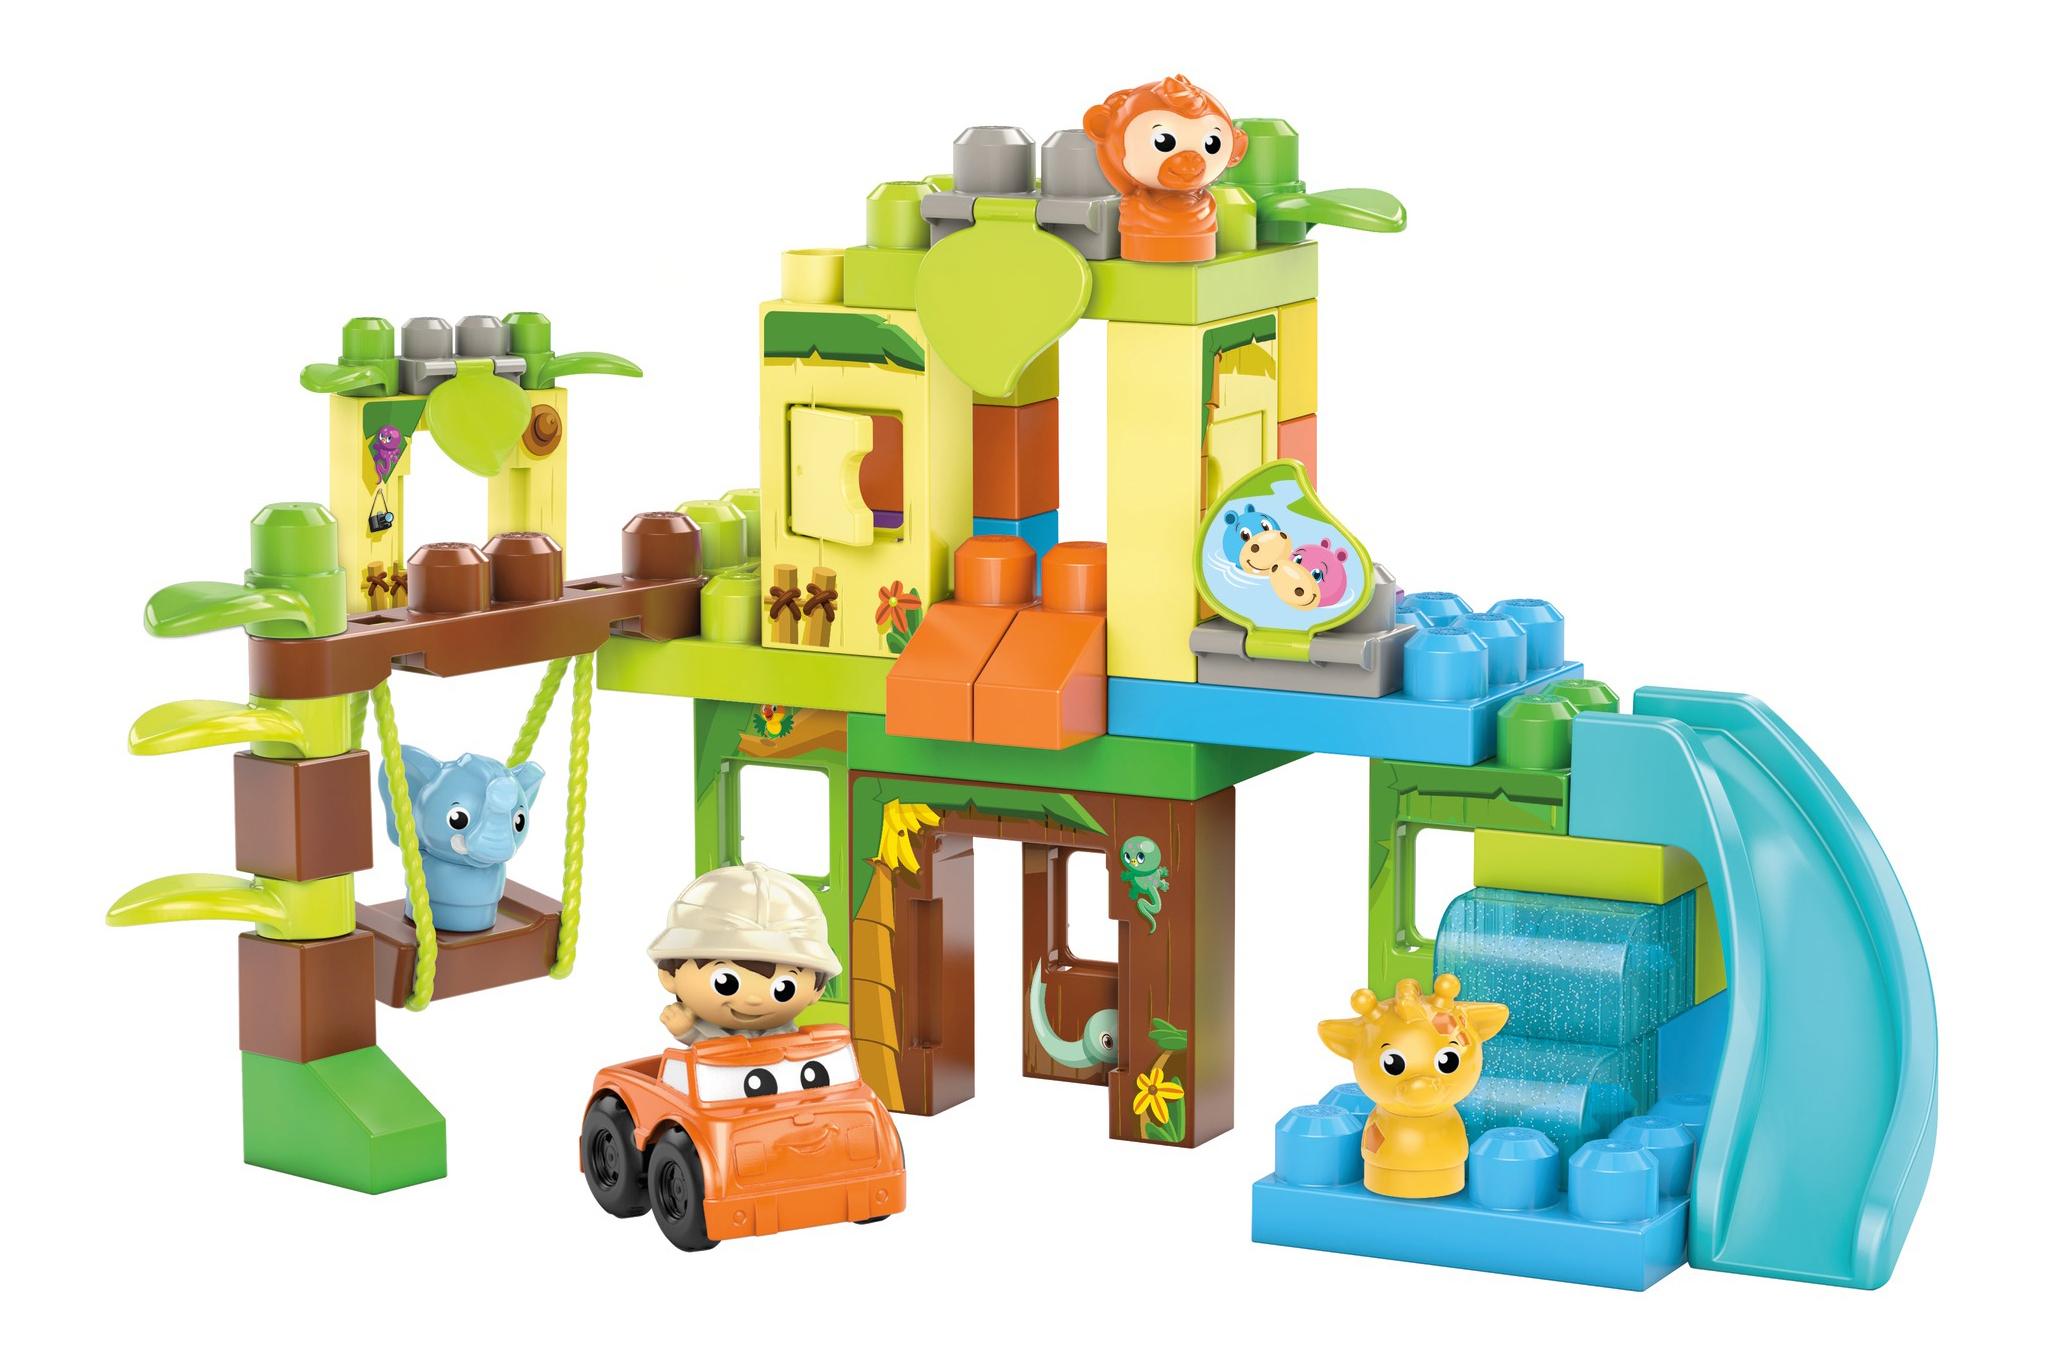 Купить Приключения в джунглях, Конструктор пластиковый приключения в джунглях, Mega Bloks, Конструкторы пластмассовые